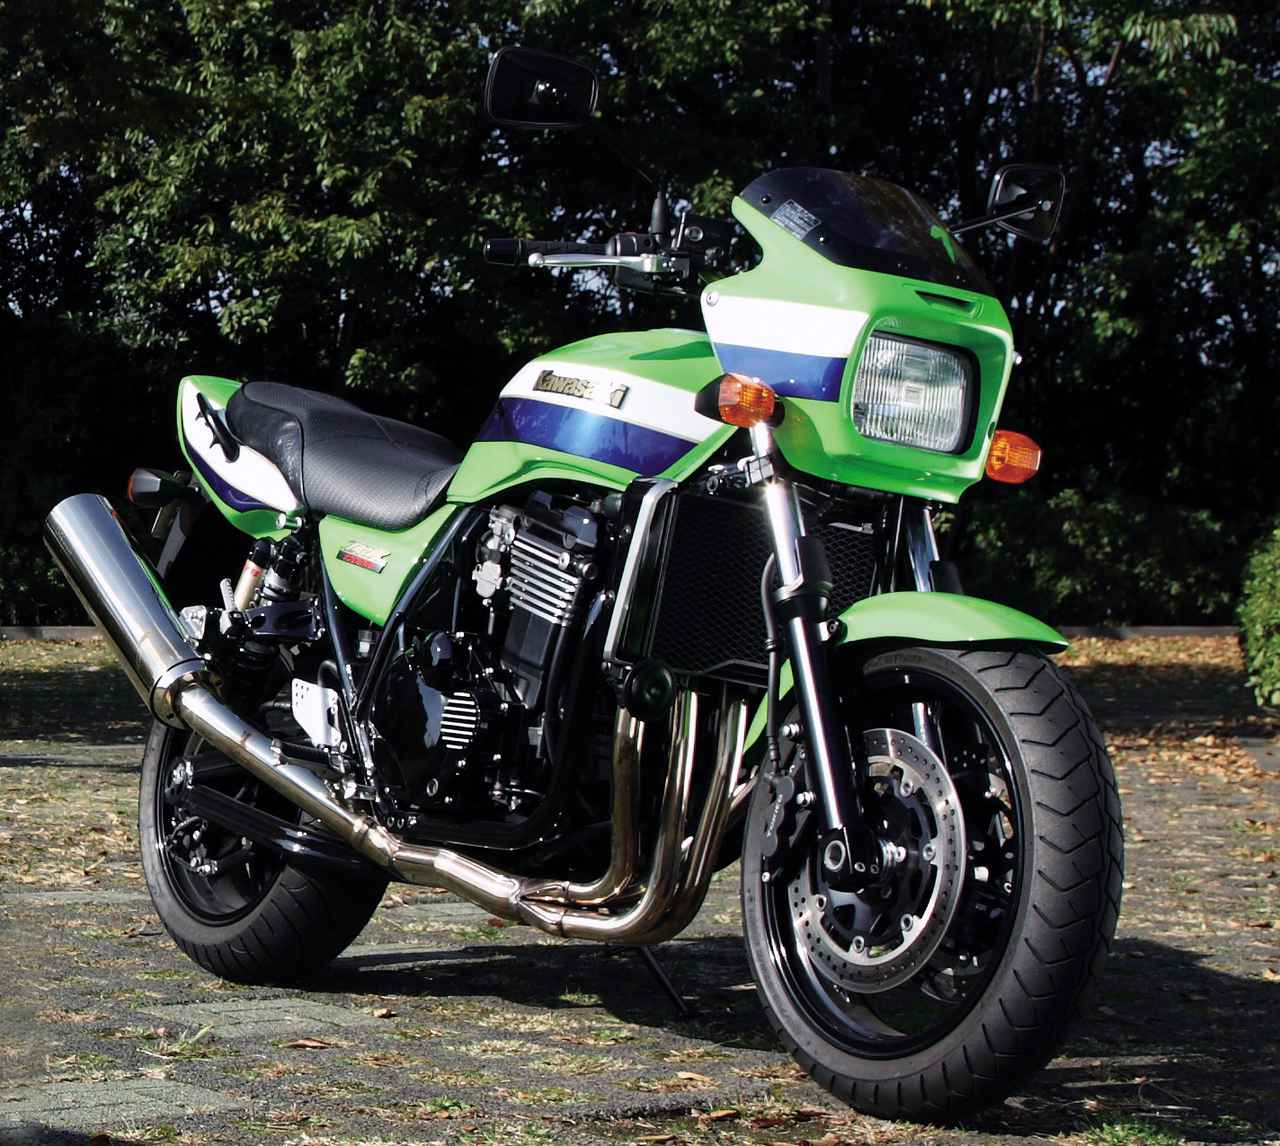 画像: Kawasaki ZRX1200R 2004年(ZRT20A) エンジン形式:水冷4ストDOHC4バルブ並列4気筒 内径×行程(総排気量):79.0×59.4㎜(1164cc) 最高出力:95PS/7500rpm 最大トルク:10.3kg-m/3500rpm ミッション:5速リターン ブレーキ前・後:ダブルディスク・ディスク 全長×全幅×全高:2120×780×1150mm タイヤサイズ 前・後:120/70ZR17・180/55ZR17 燃料タンク容量:18L ホイールベース:1465mm 乾燥重量:224kg 当時の発売価格:97万5000円 ※諸元は2004年モデル